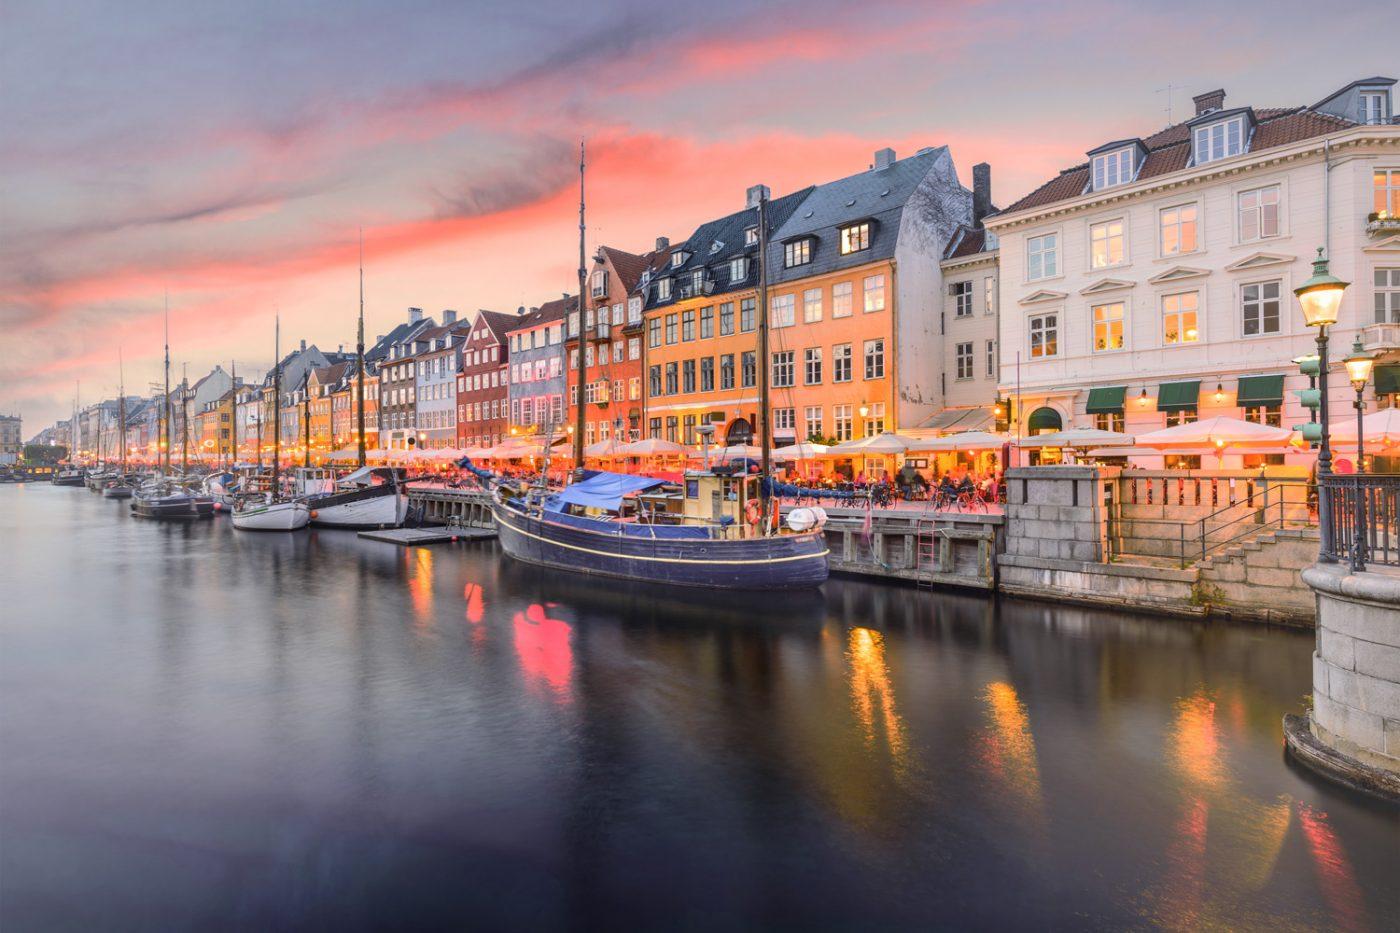 Schiffe und Häuser am Wasser in Kopenhagen, Dänemark.